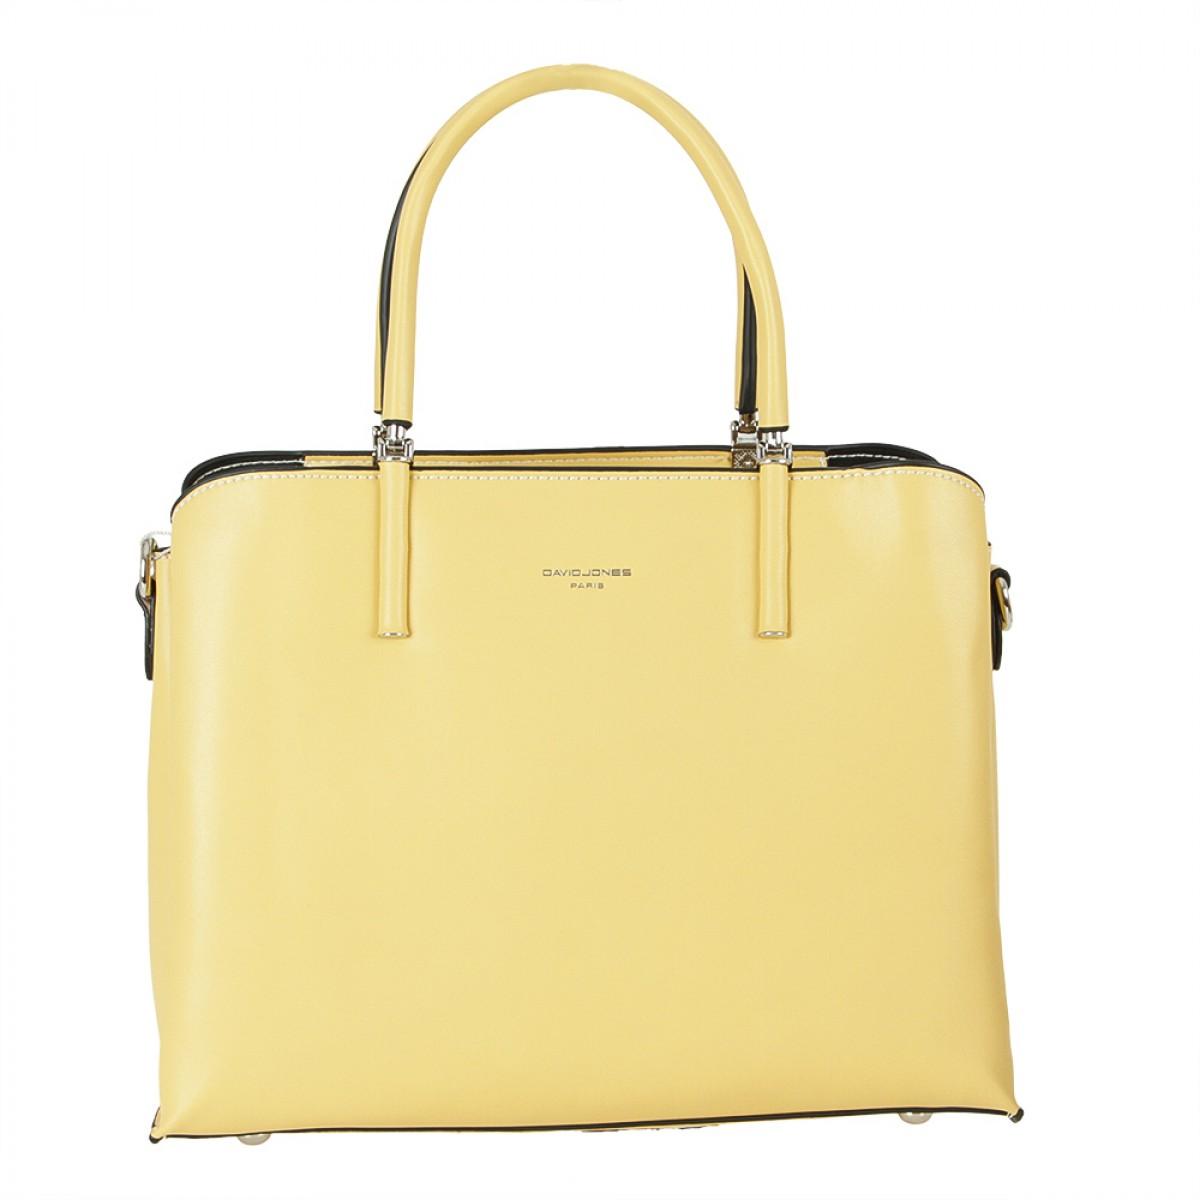 Жіноча сумка David Jones CM5631 YELLOW